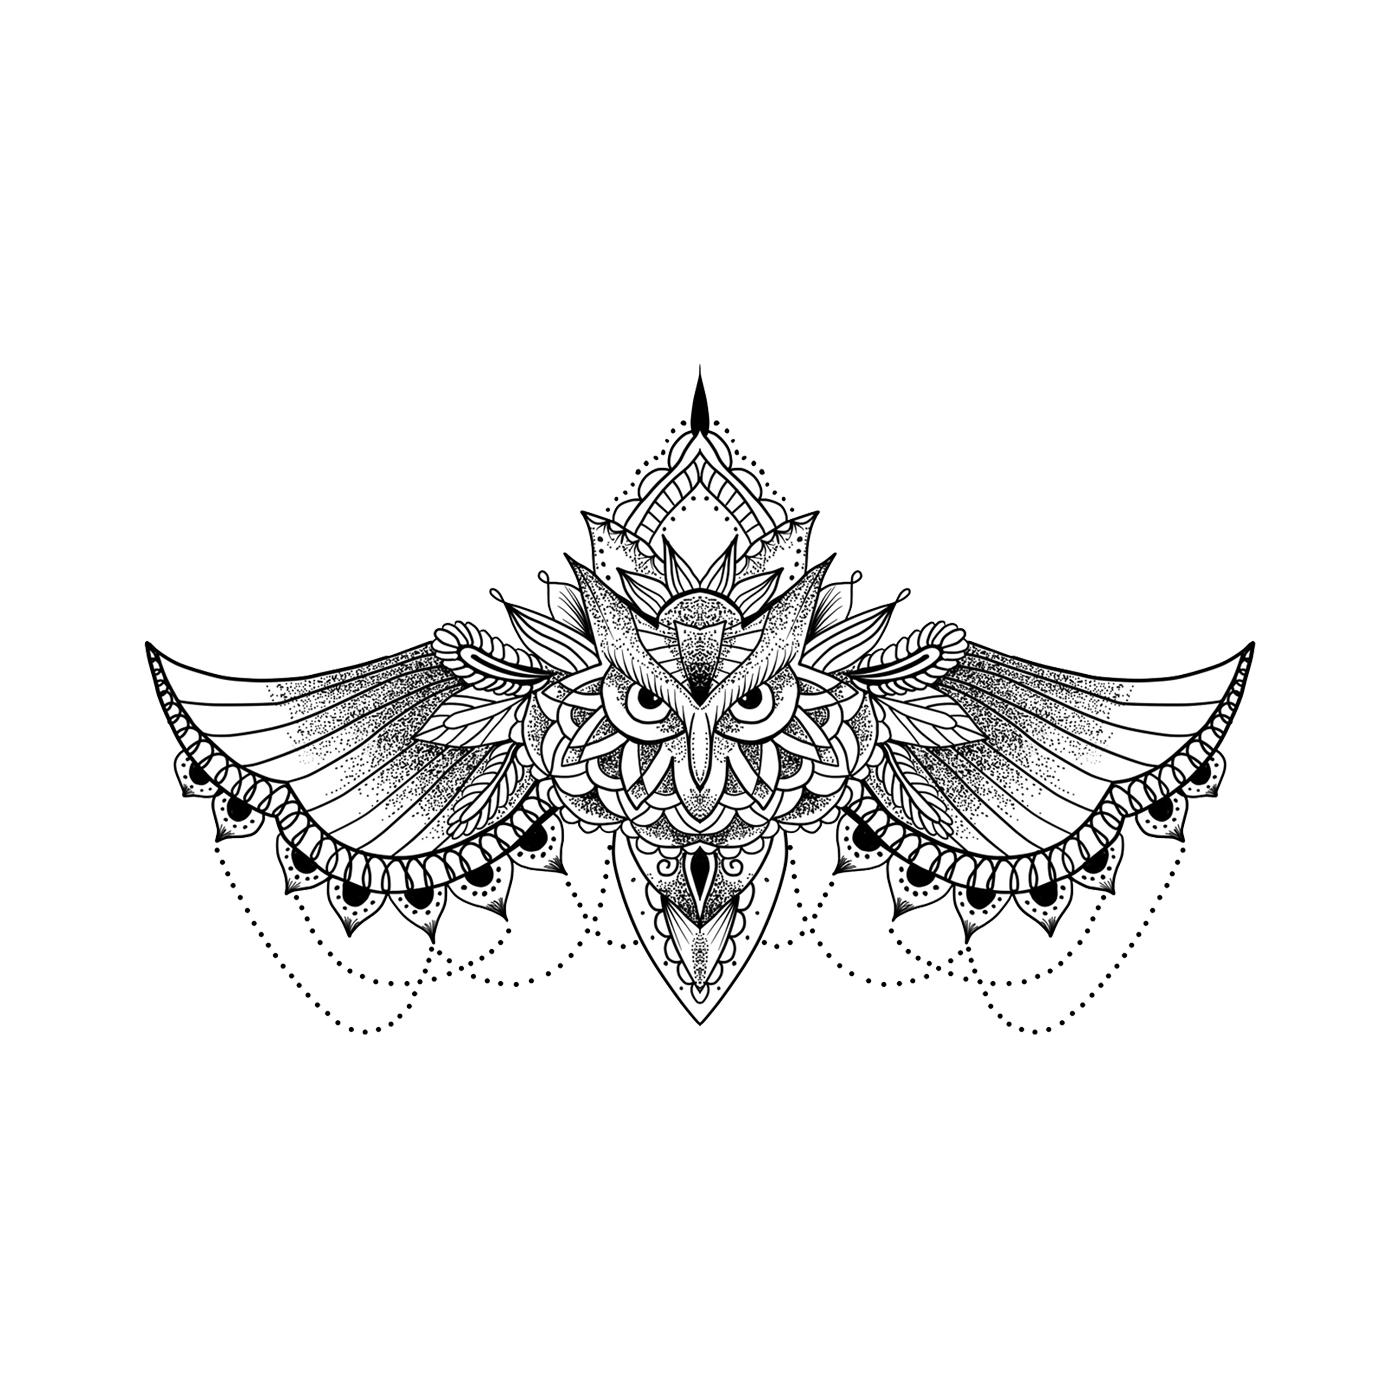 Momentary Ink - Realistic, Custom Temporary Tattoo